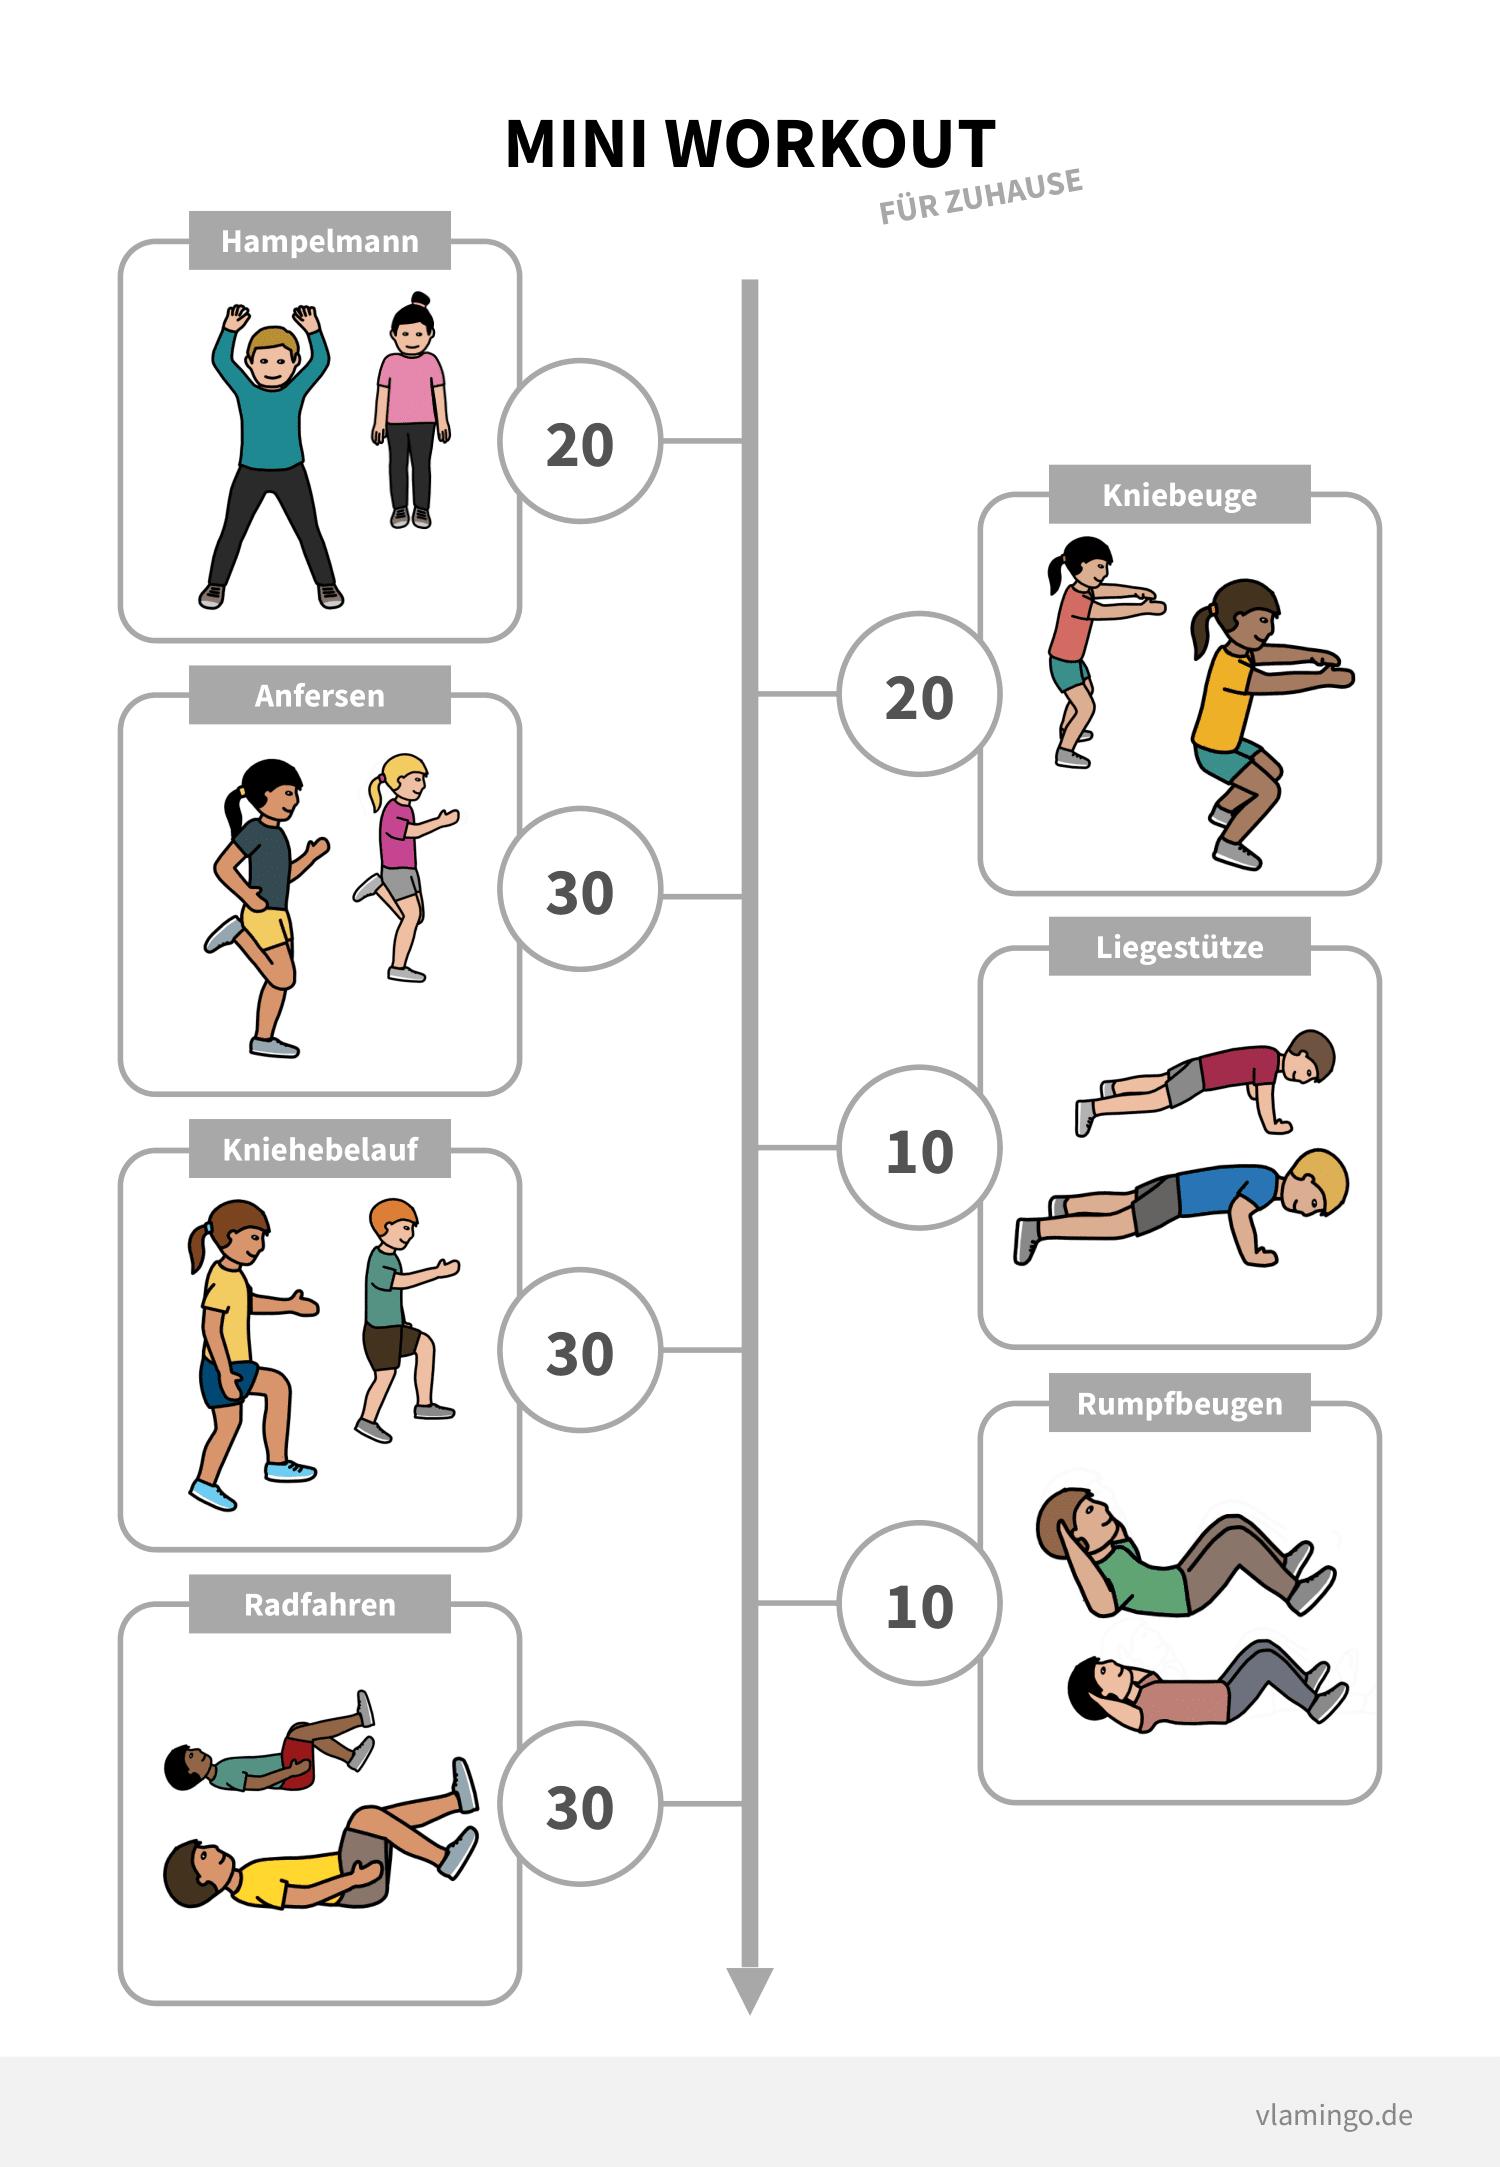 Mini-Workout für Zuhause - Ablauf mit Wiederholungen